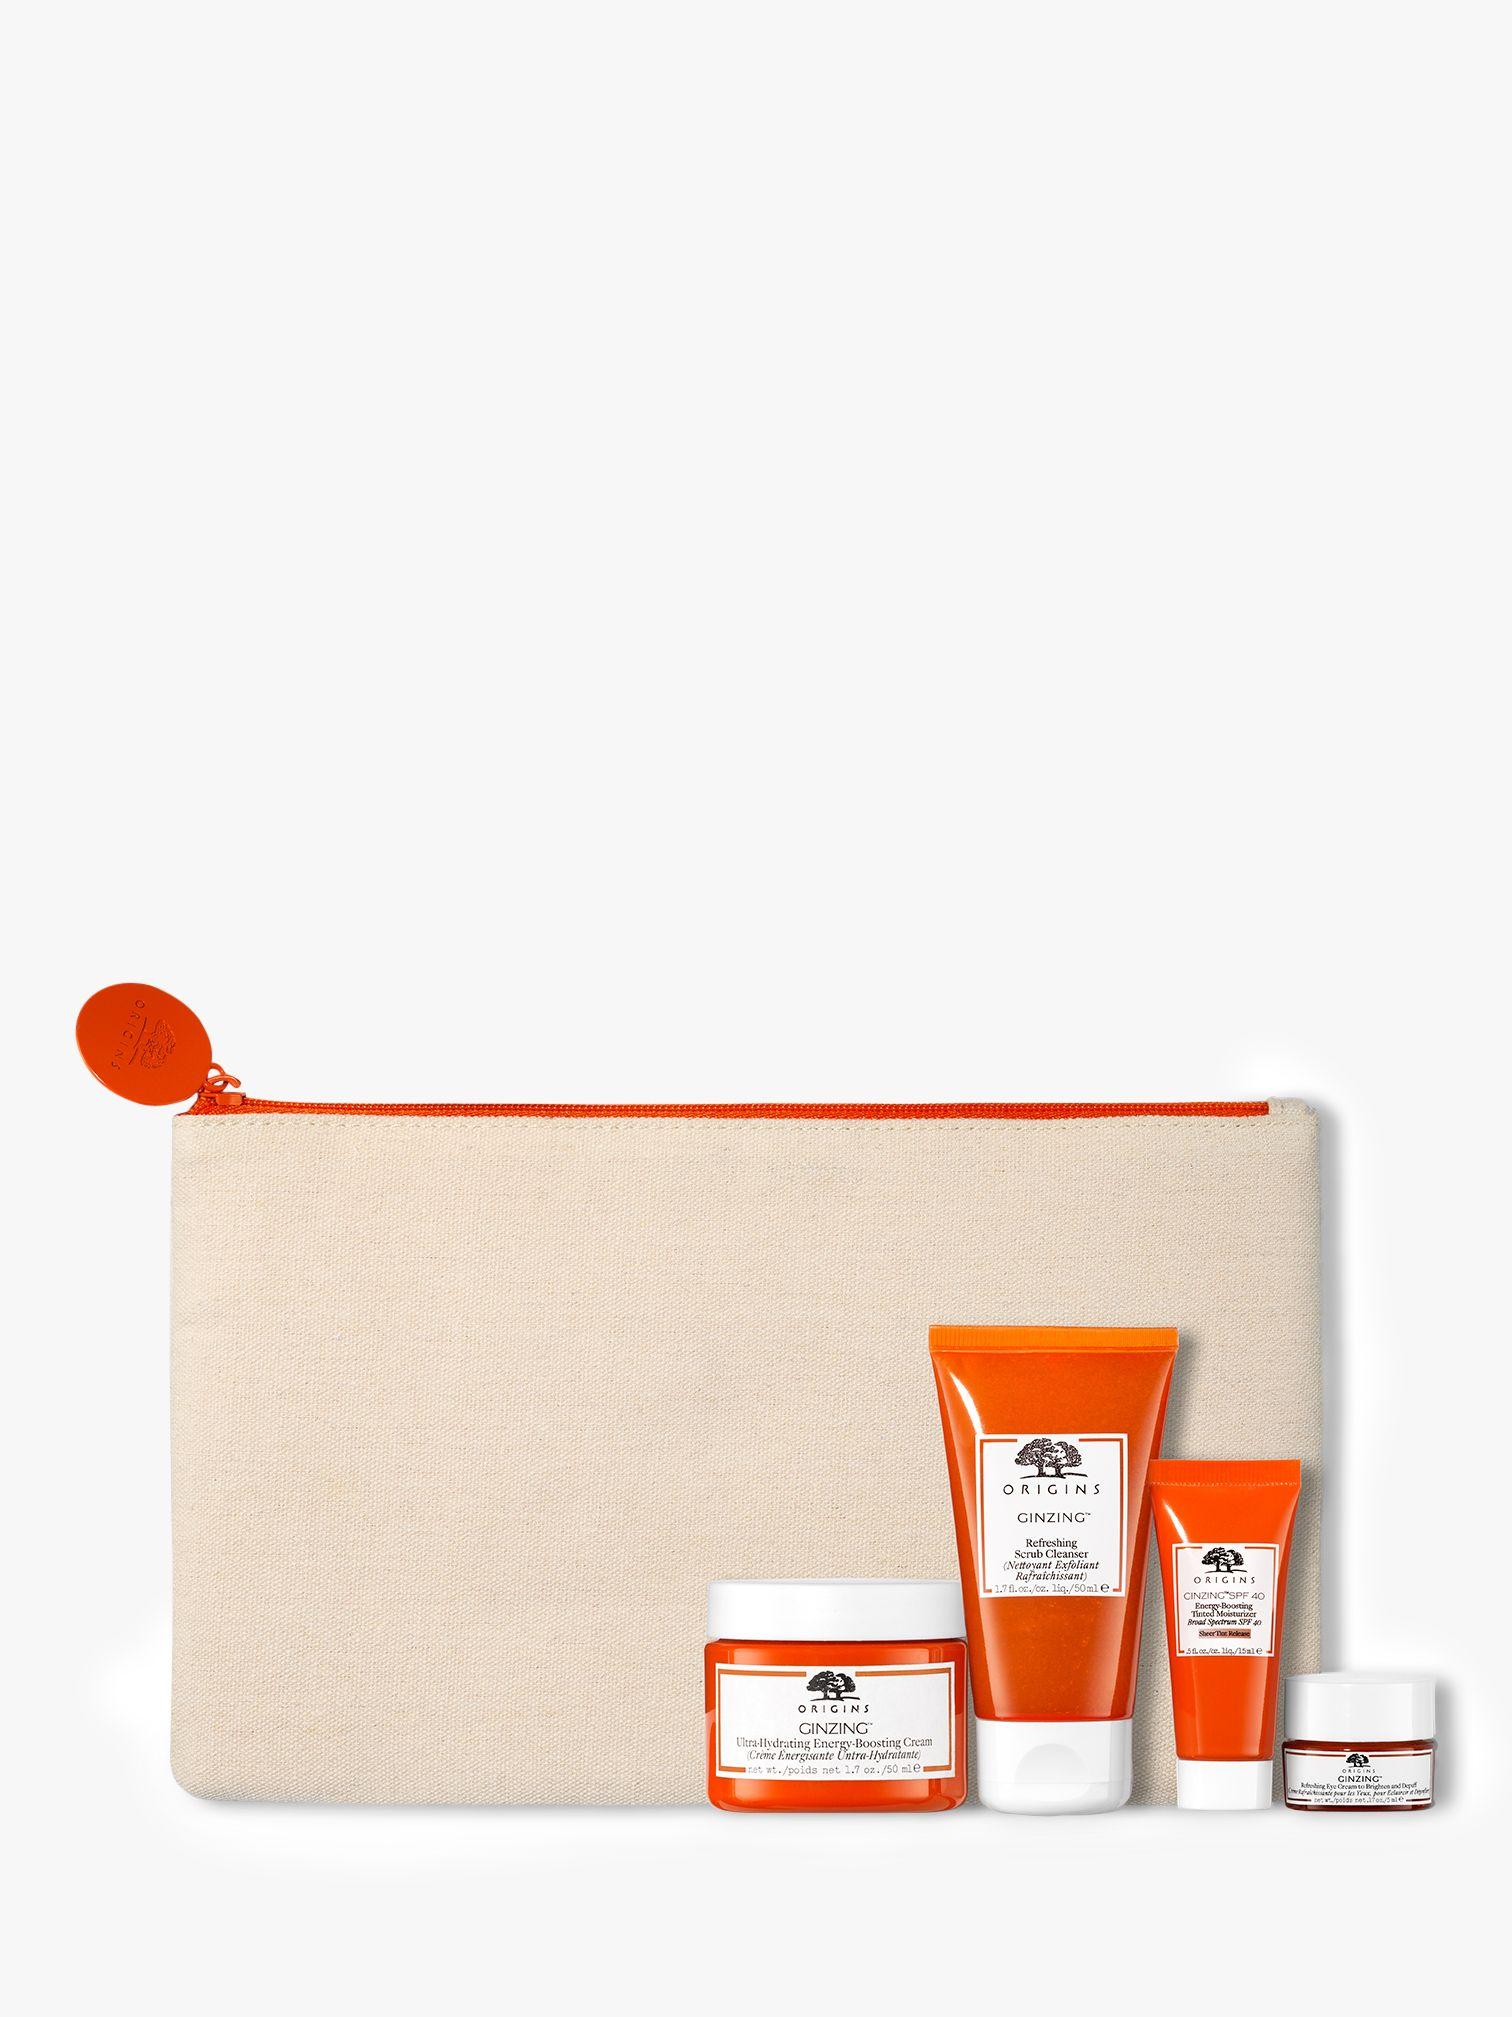 Origins Ginzing Skincare Gift Set At John Lewis Partners